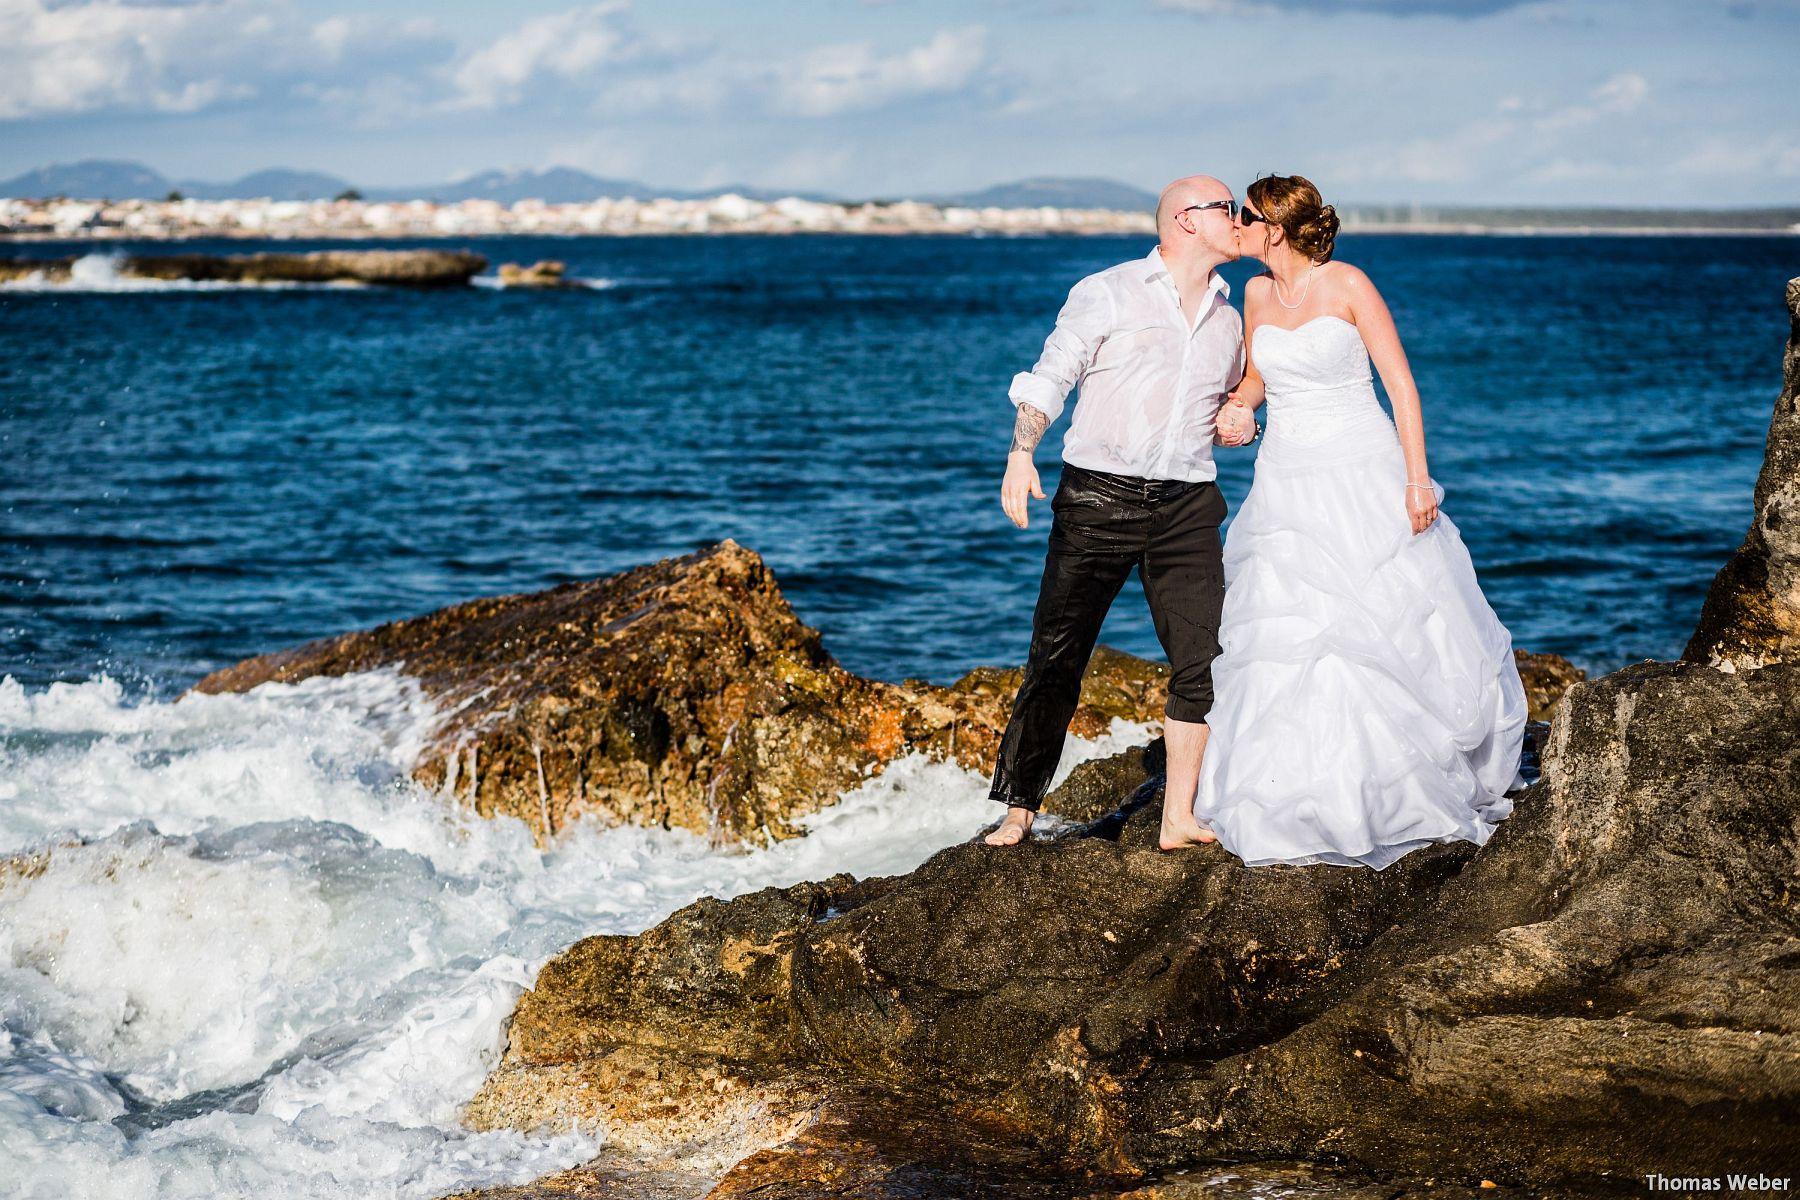 Hochzeitsfotograf Thomas Weber aus Oldenburg: Hochzeitsfotos und Paarfotos auf Mallorca (35)